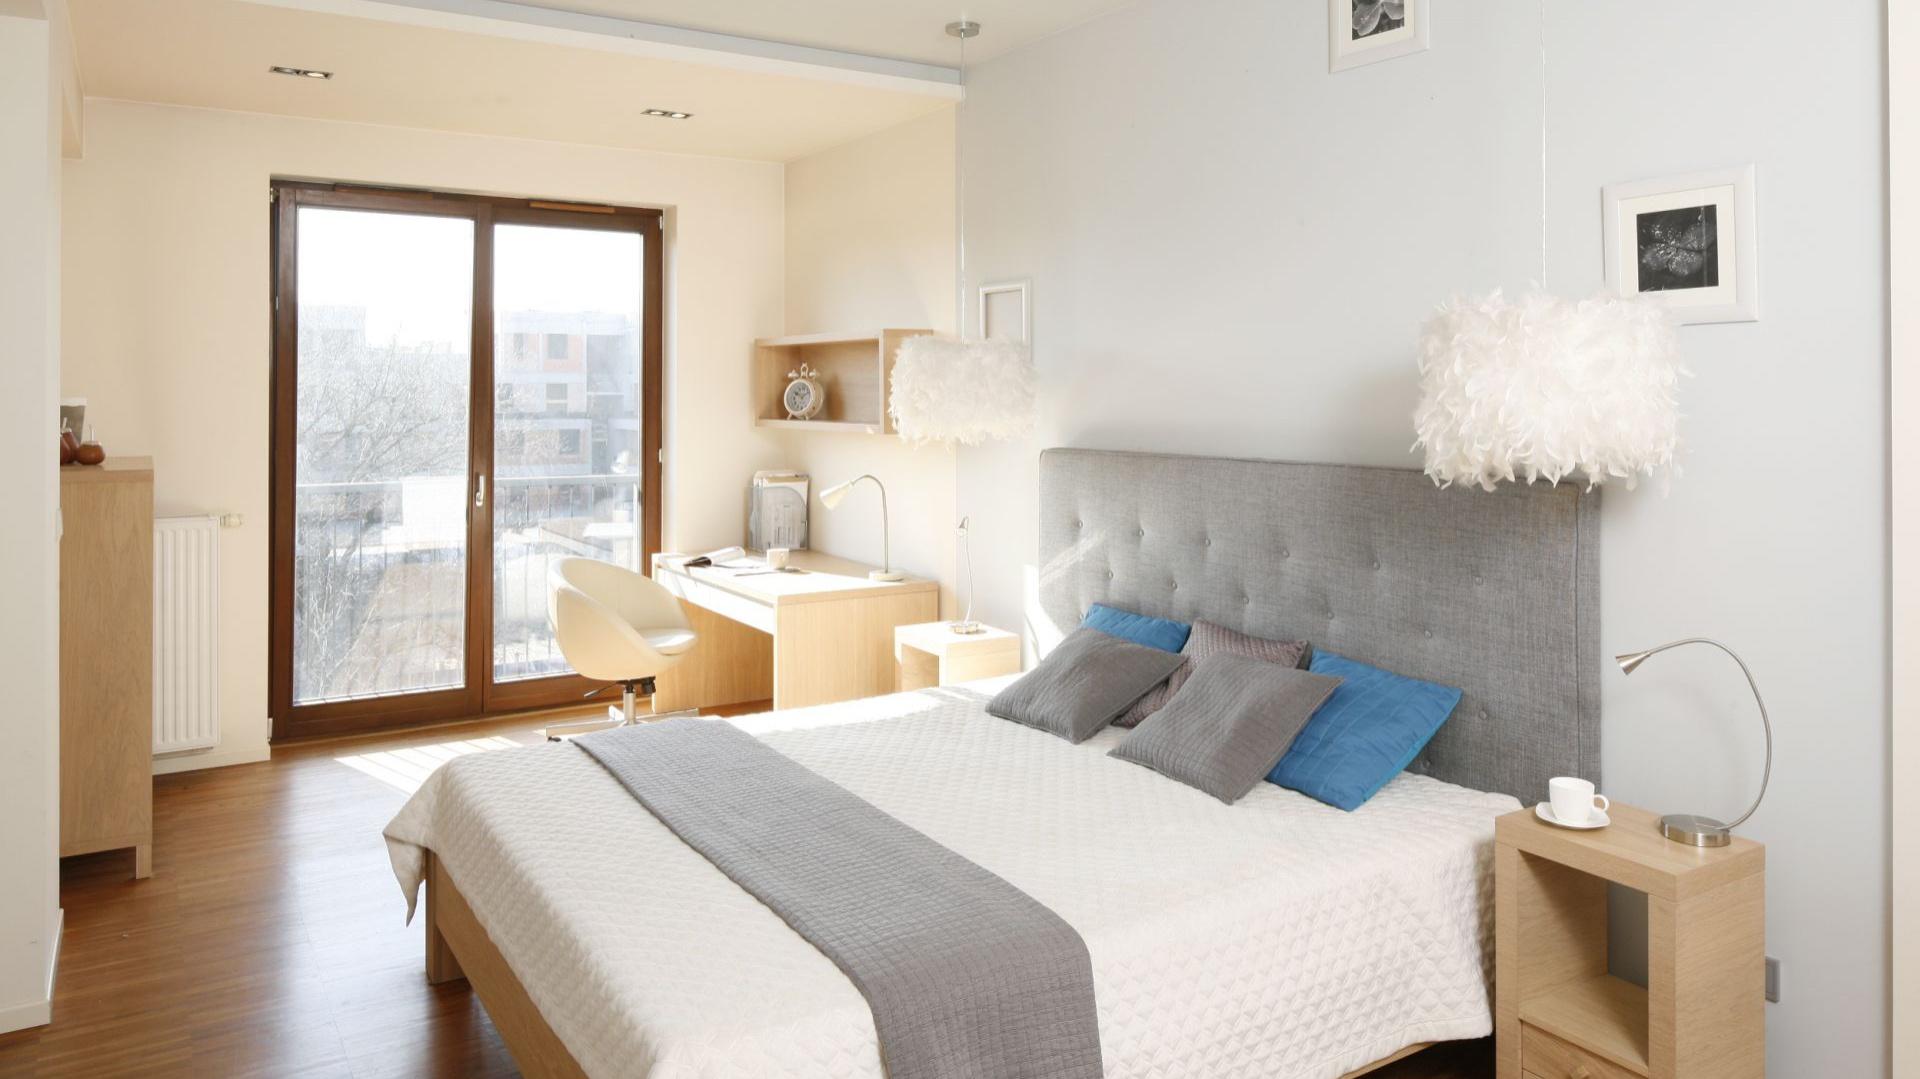 Aranżacja sypialni jest bardzo jasna i słoneczna. Nieosłonięte okna wpuszczają do wnętrza bardzo dużo światła. Jasne kolory, miękkie tkaniny i naturalne drewno nadają jej nieco skandynawski styl. Projekt: Marta Kruk. Fot. Bartosz Jarosz.